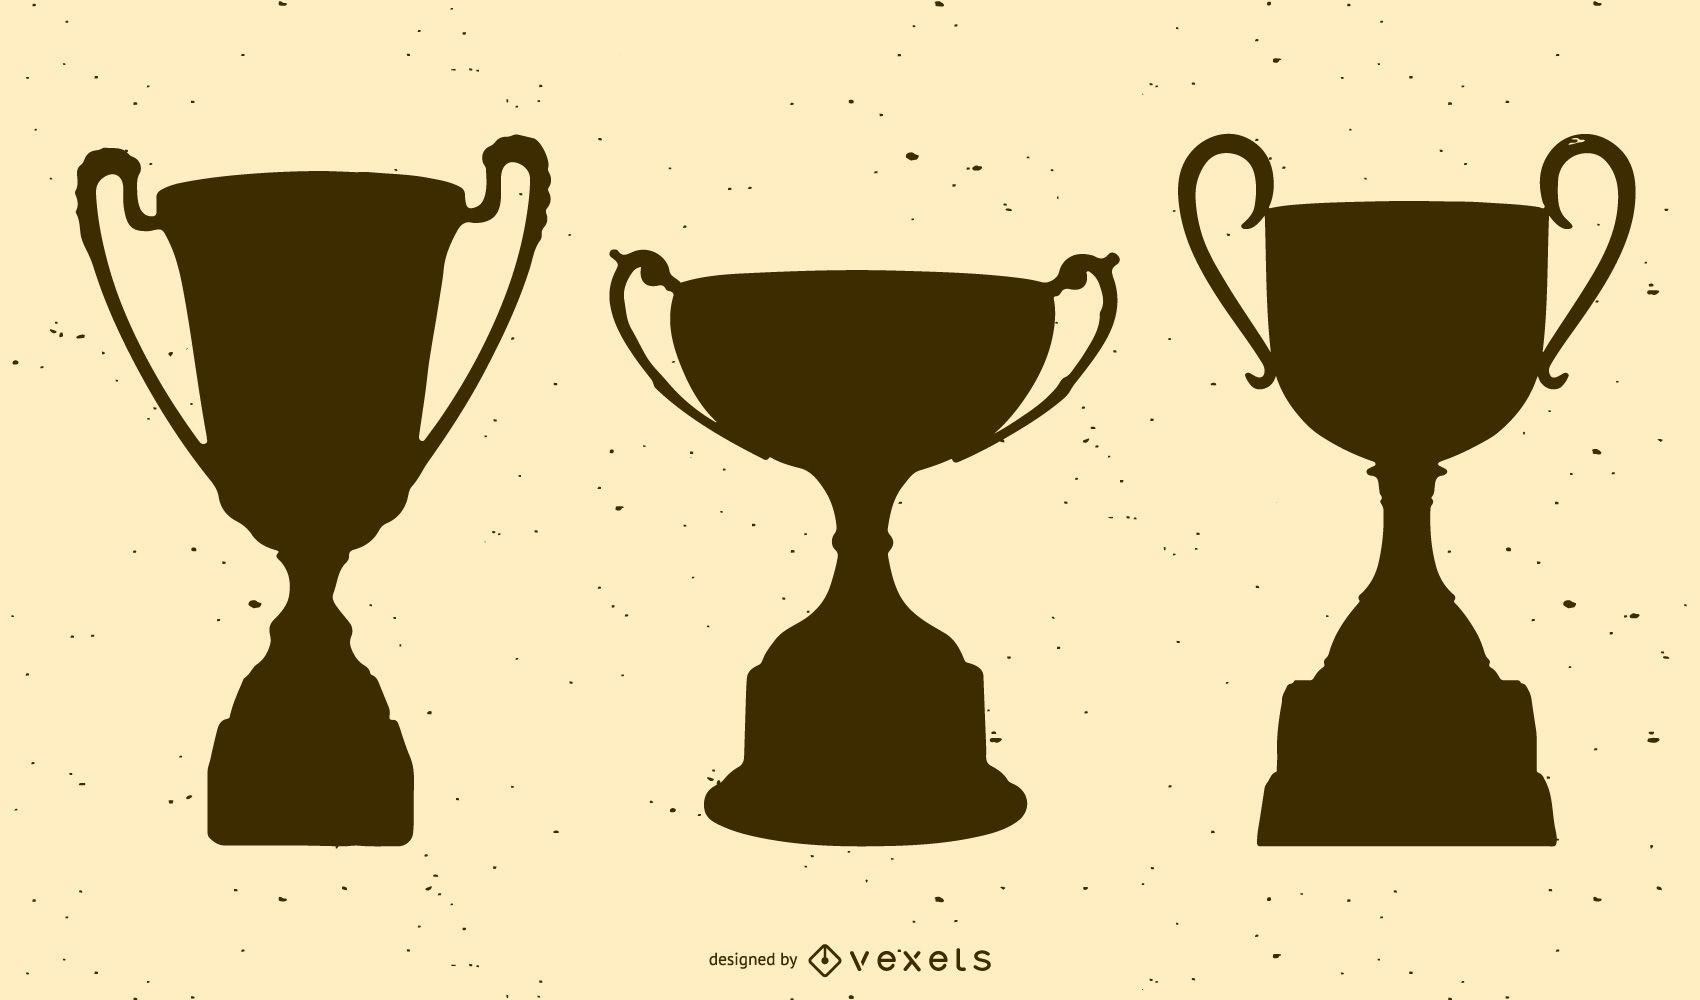 Paquete de trofeos de silueta